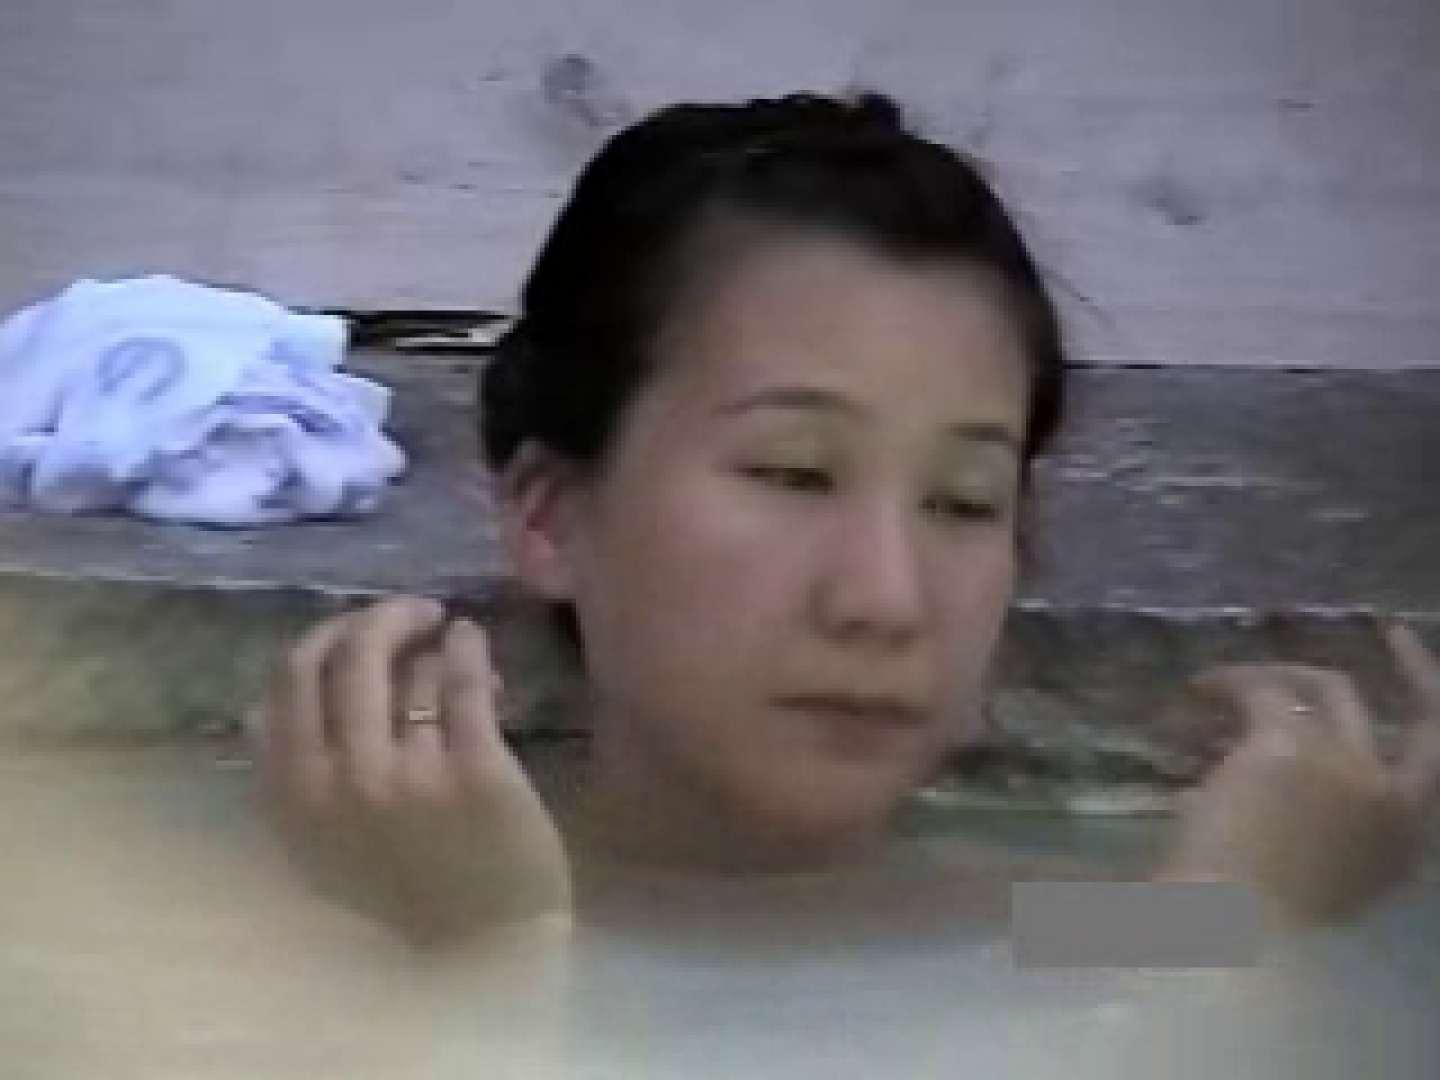 世界で一番美しい女性が集う露天風呂! vol.02 HなOL | 望遠  91pic 41